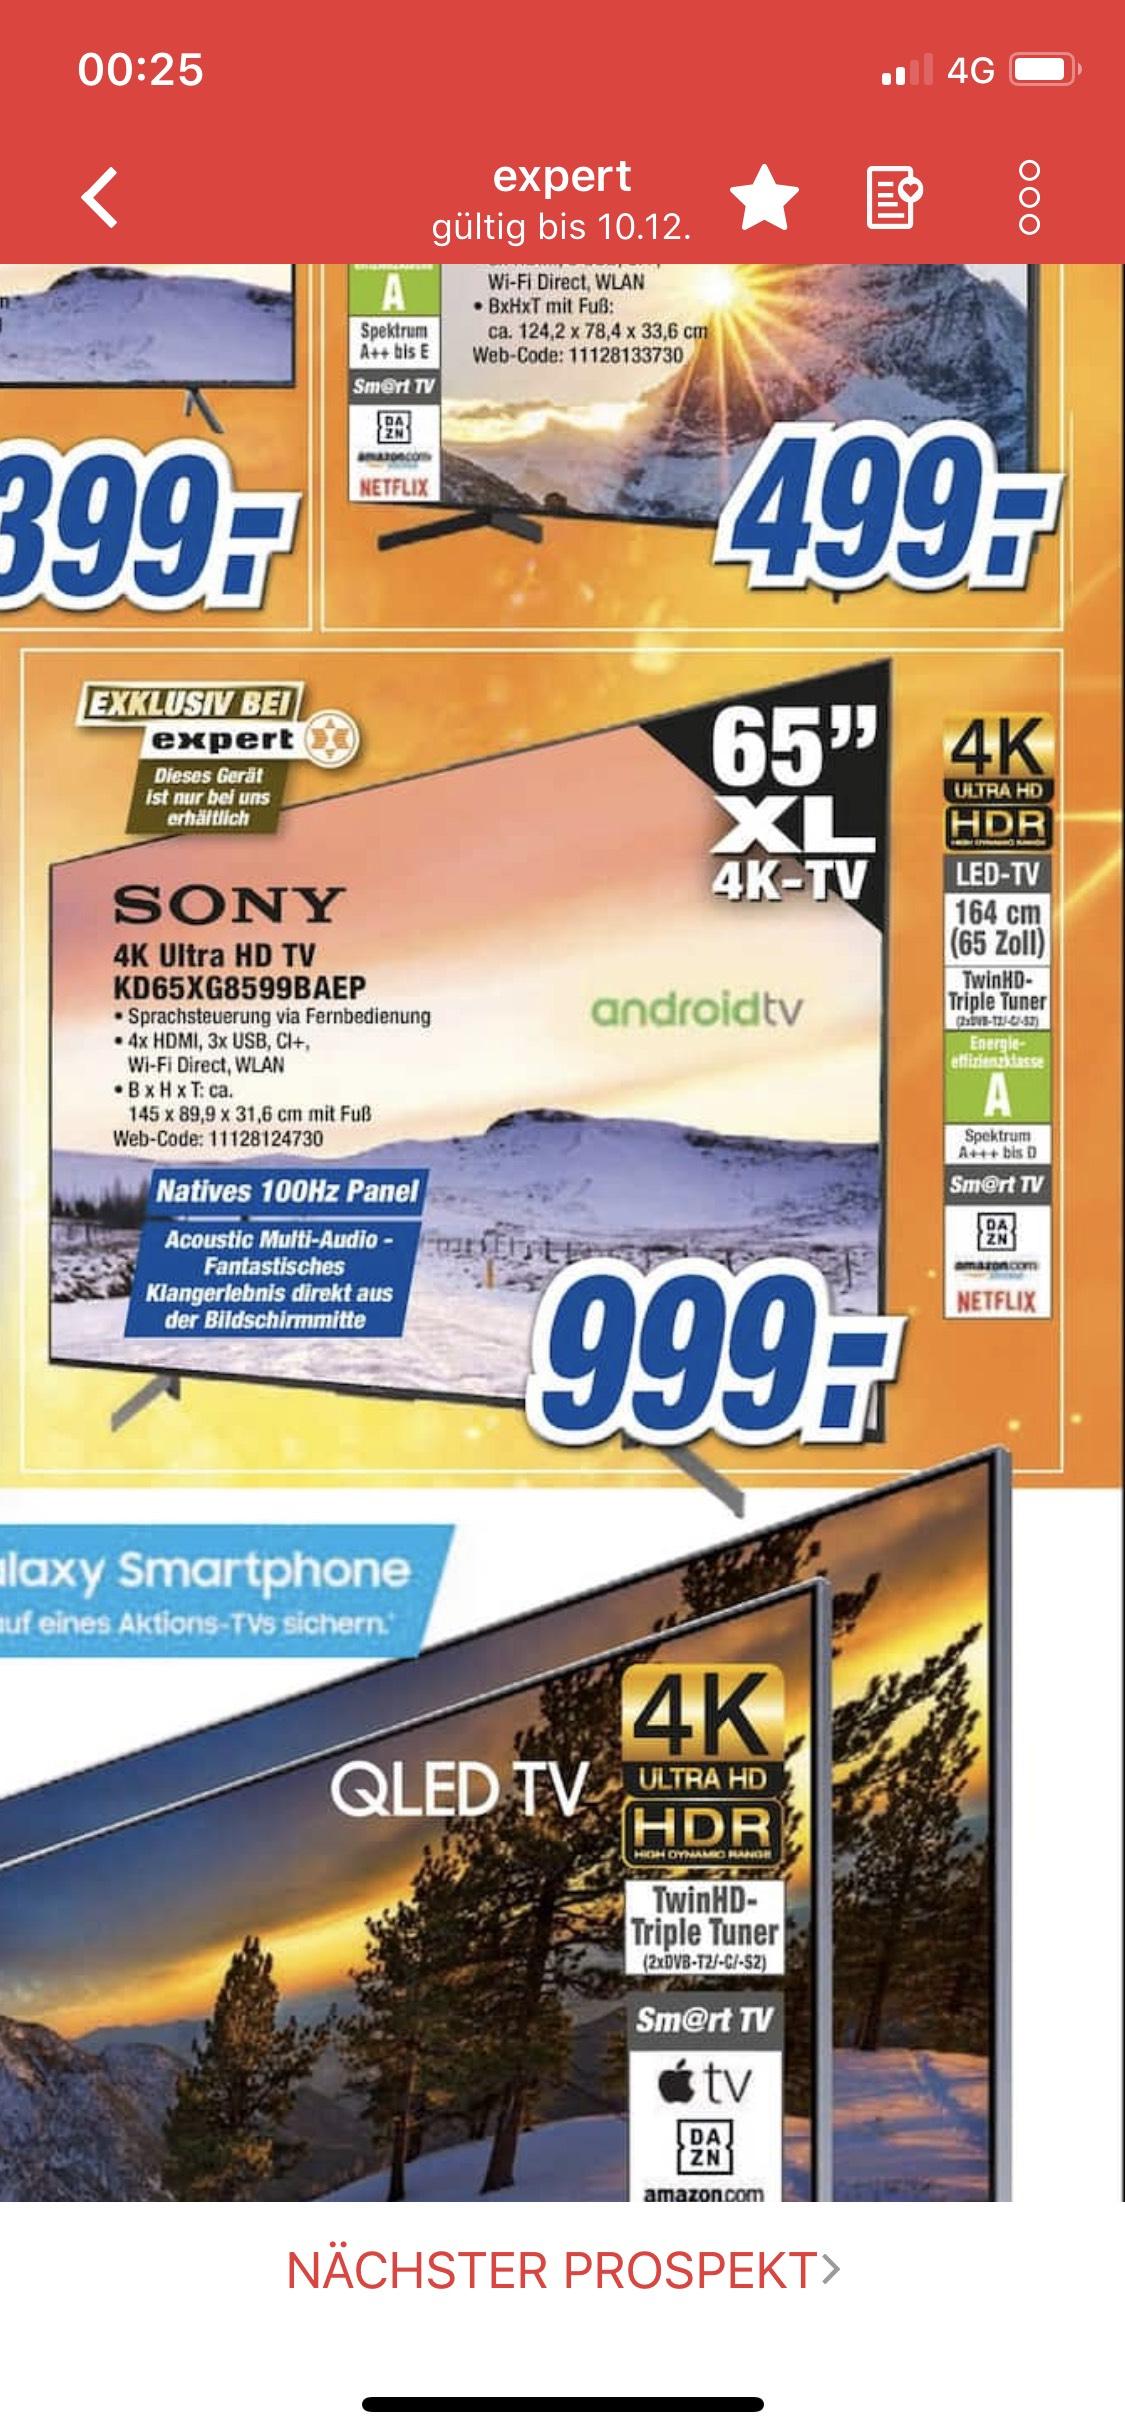 (LOKAL) Sony KD 65 XG 8599 für 999 € im Expert in u.a. Neuss, Bergheim mit 100 hz nativ, locam dimming